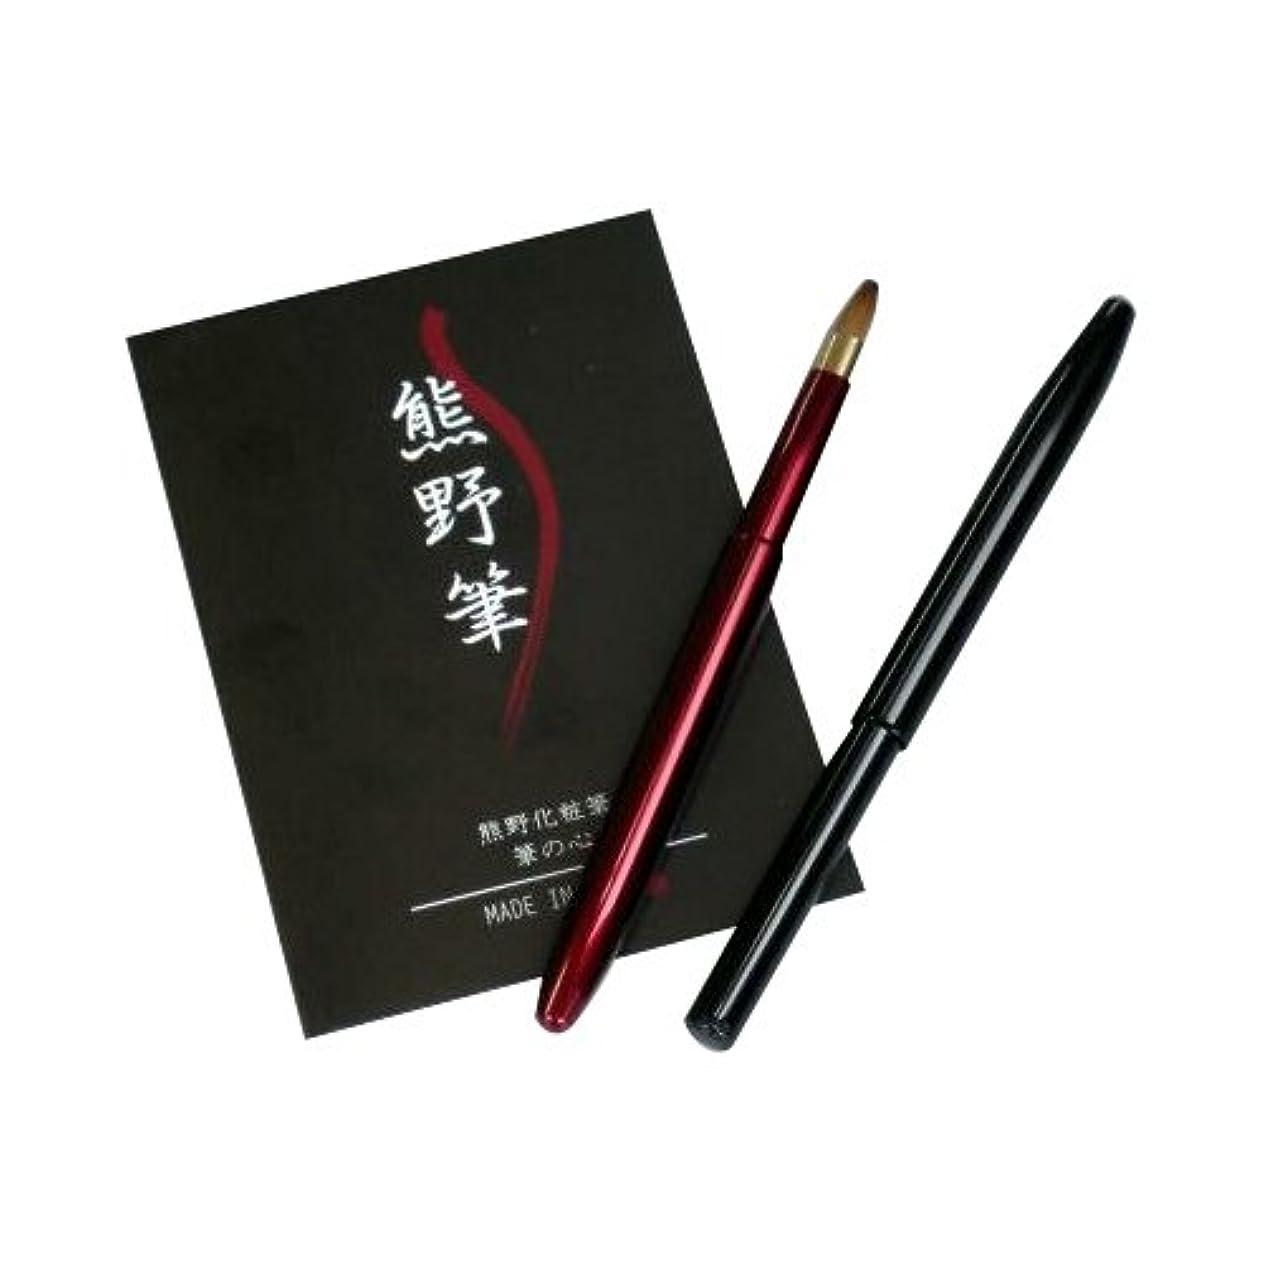 存在スナッチを通してゼニス 熊野化粧筆 筆の心 リップブラシ